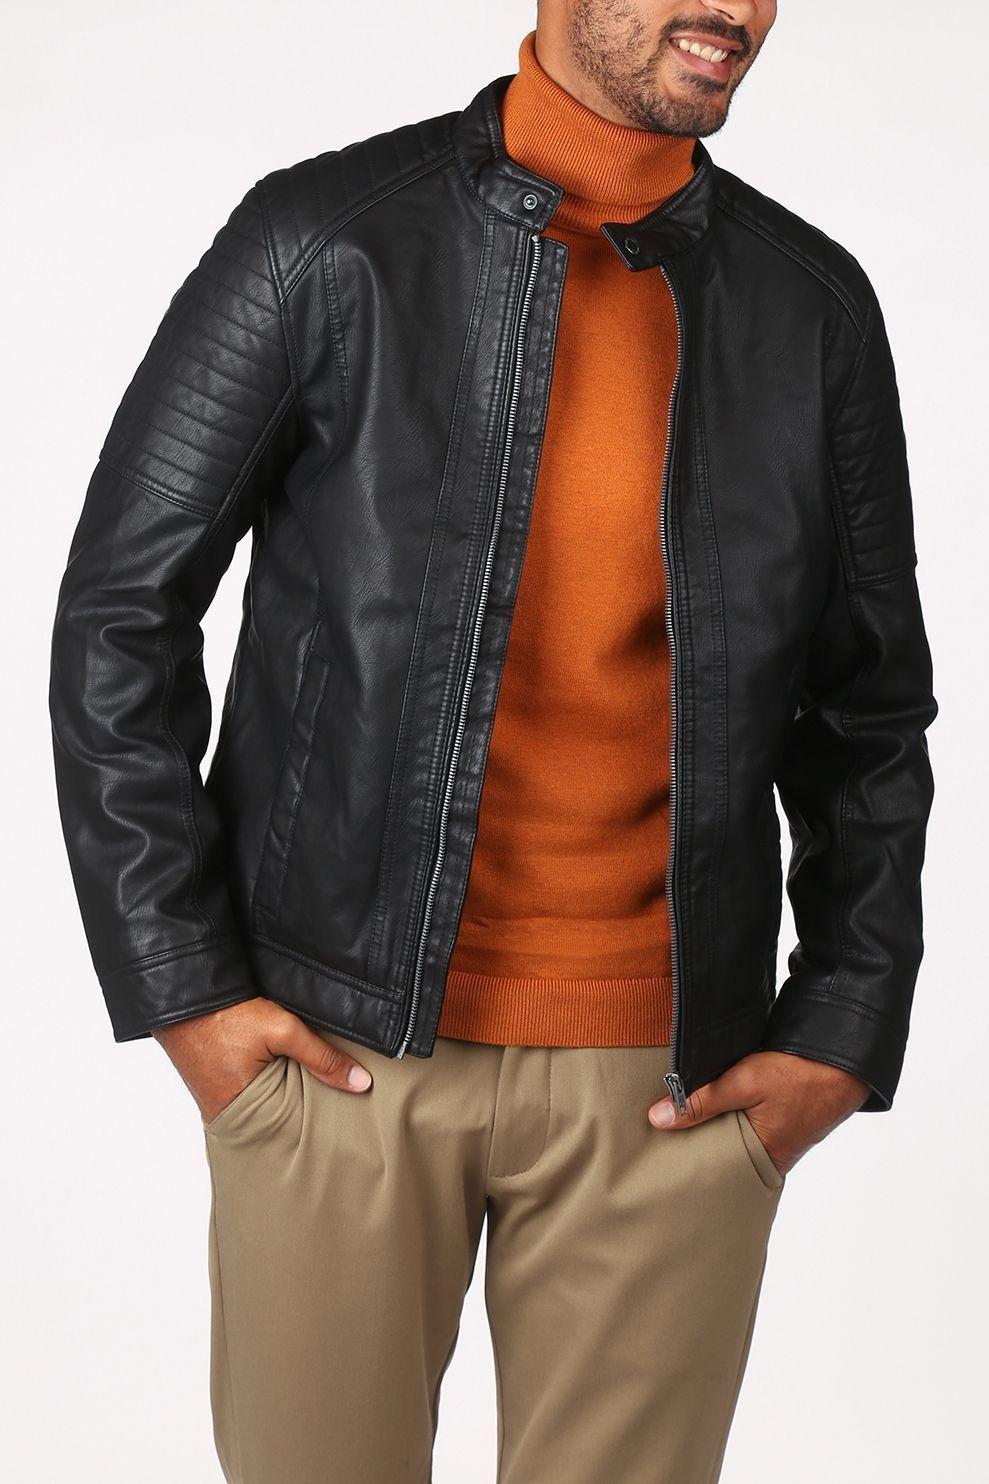 Tom Tailor Jas 1023172 voor heren - Zwart - Maten: S, M, L, XL, XXL